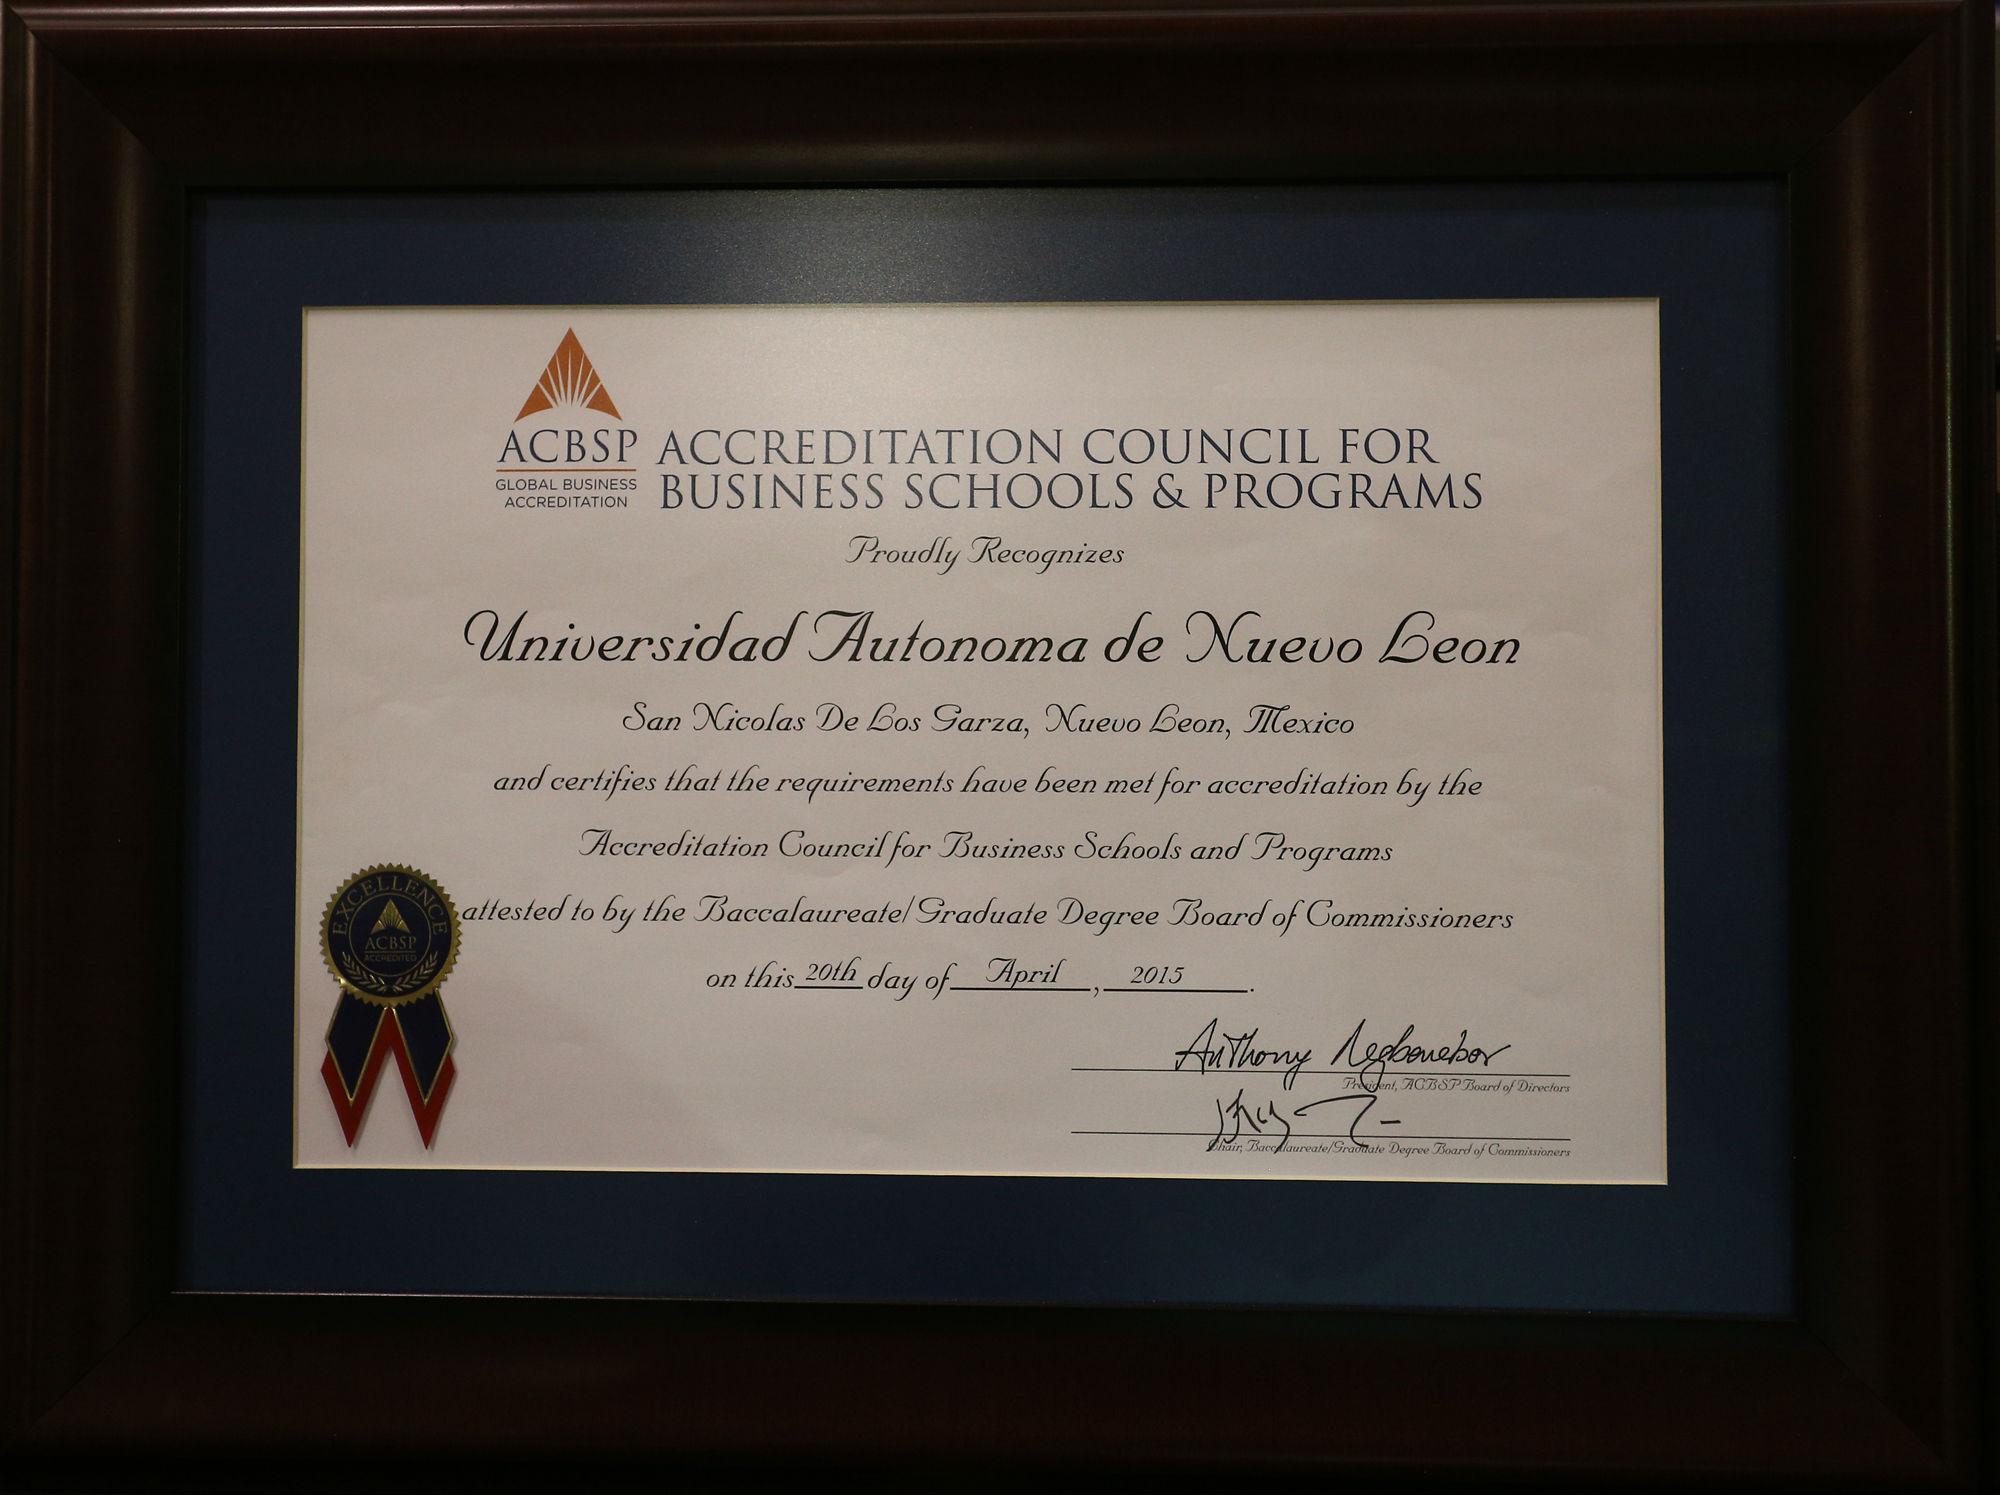 El certificado de acreditación de los programas educativos de licenciatura y posgrado